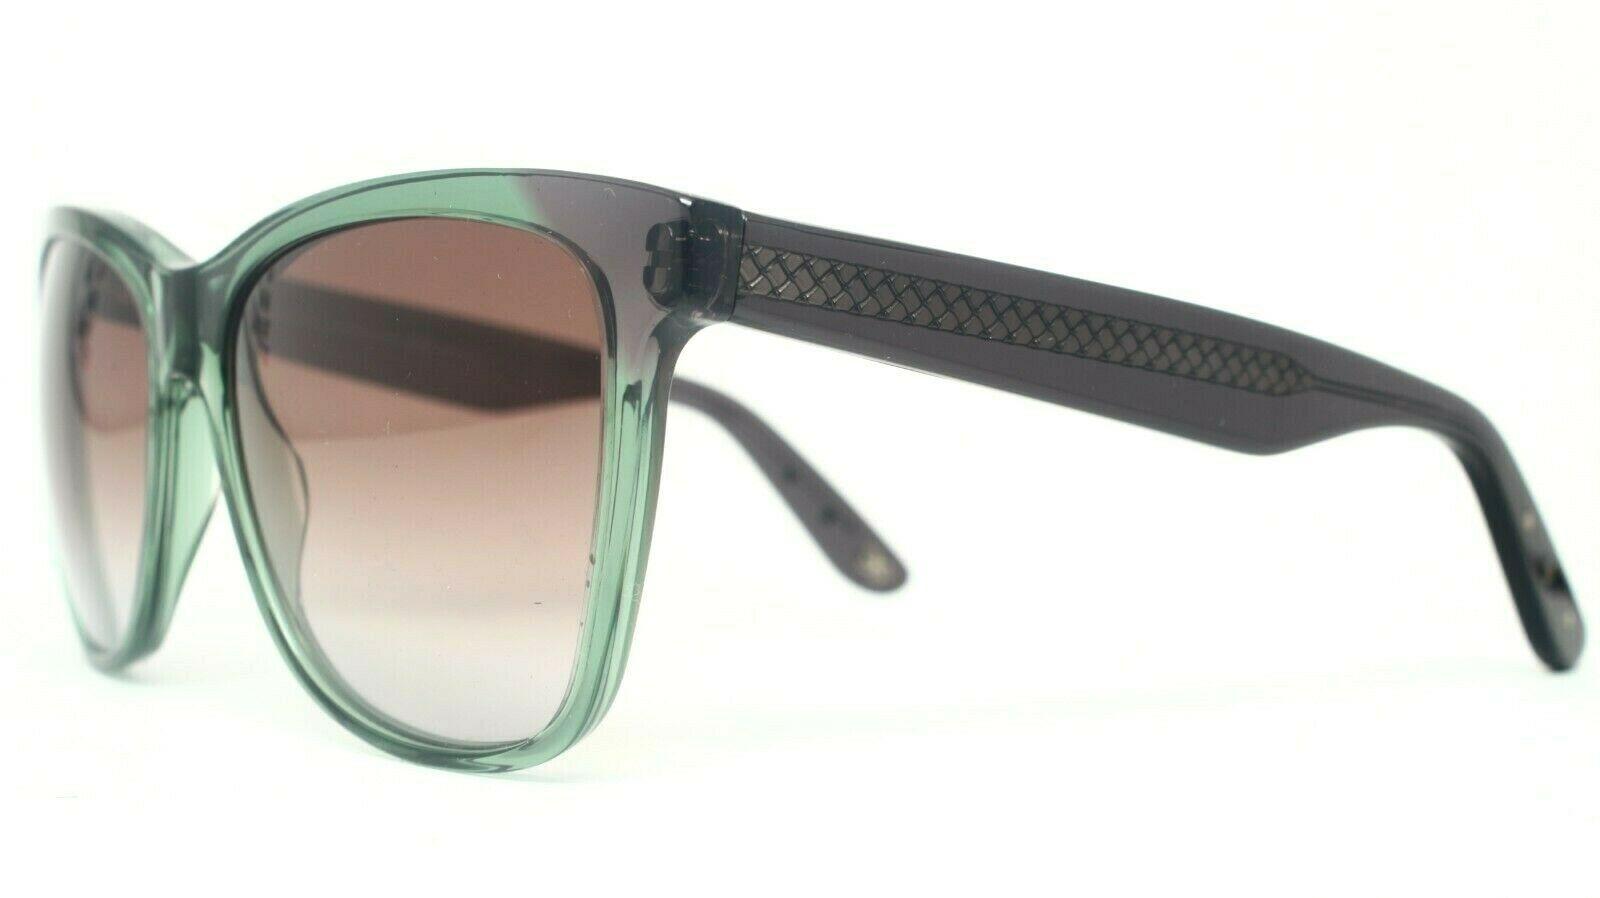 New Bottega Veneta BV 265S 4CR 5M Transparent Green Sunglasses 55-16-140 - $94.80